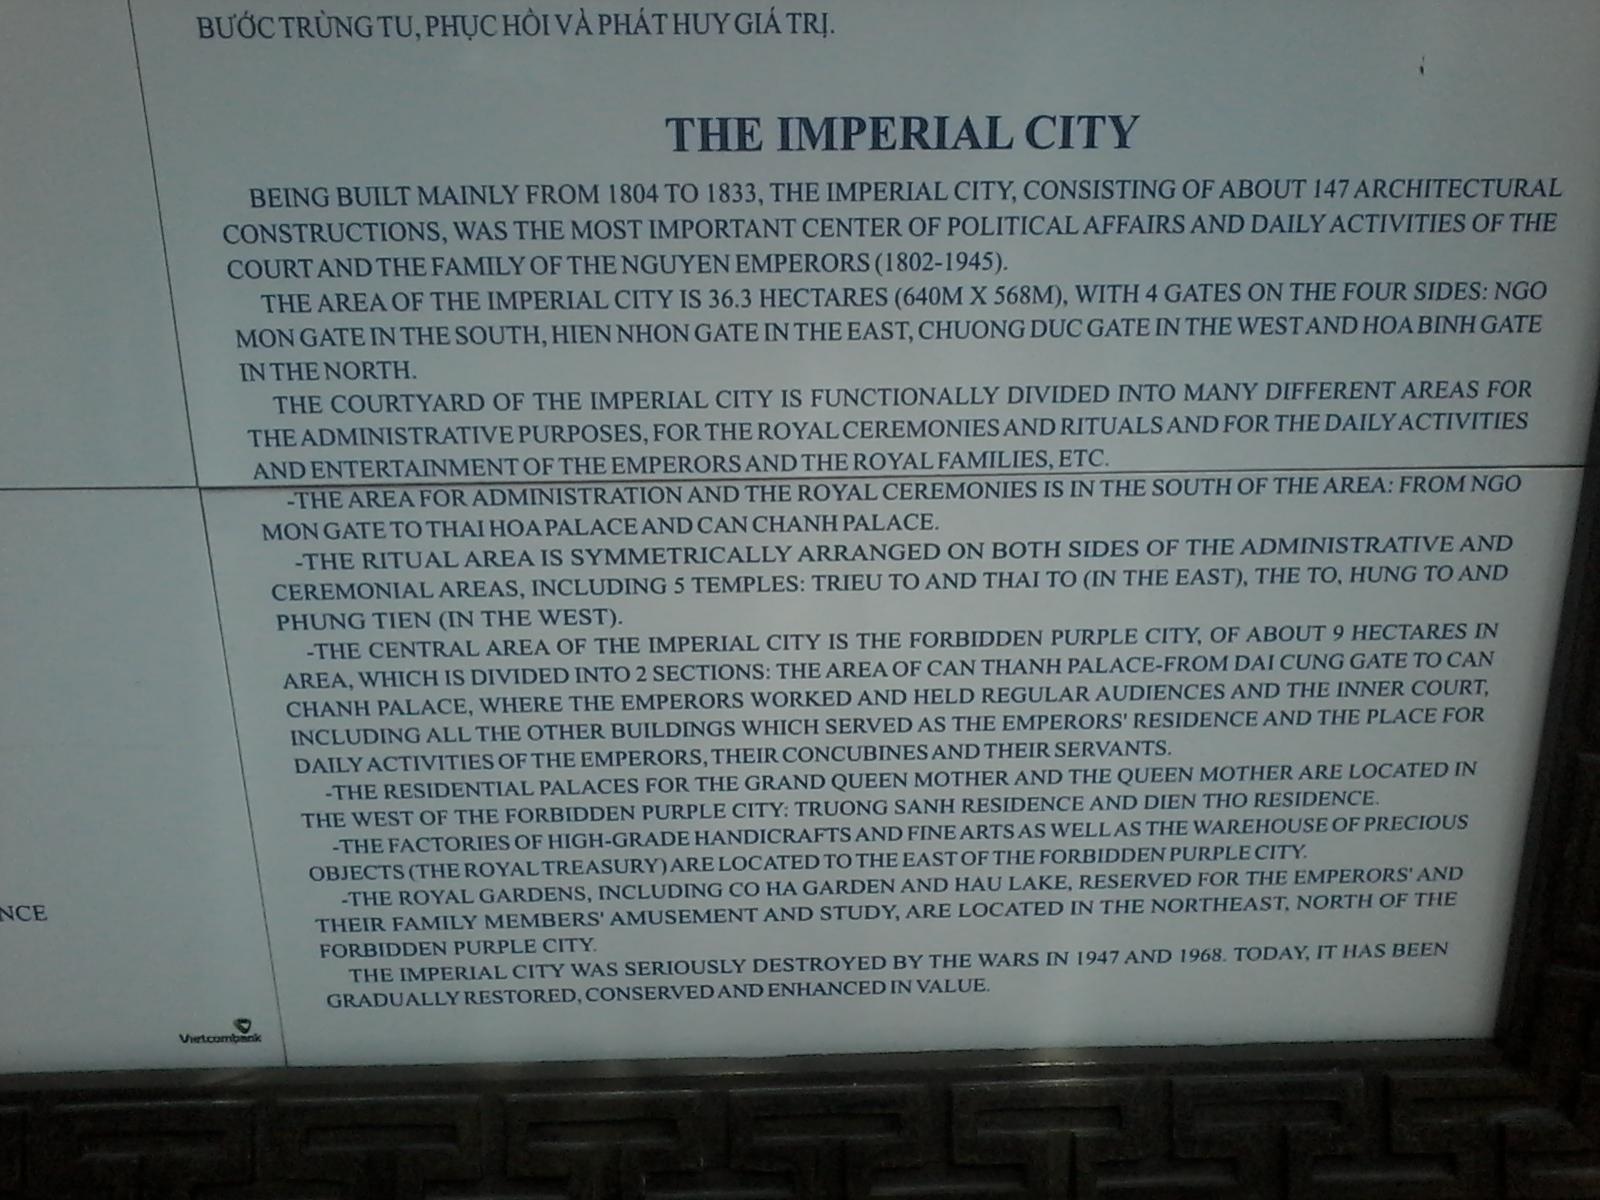 Histoire cité impériale hué